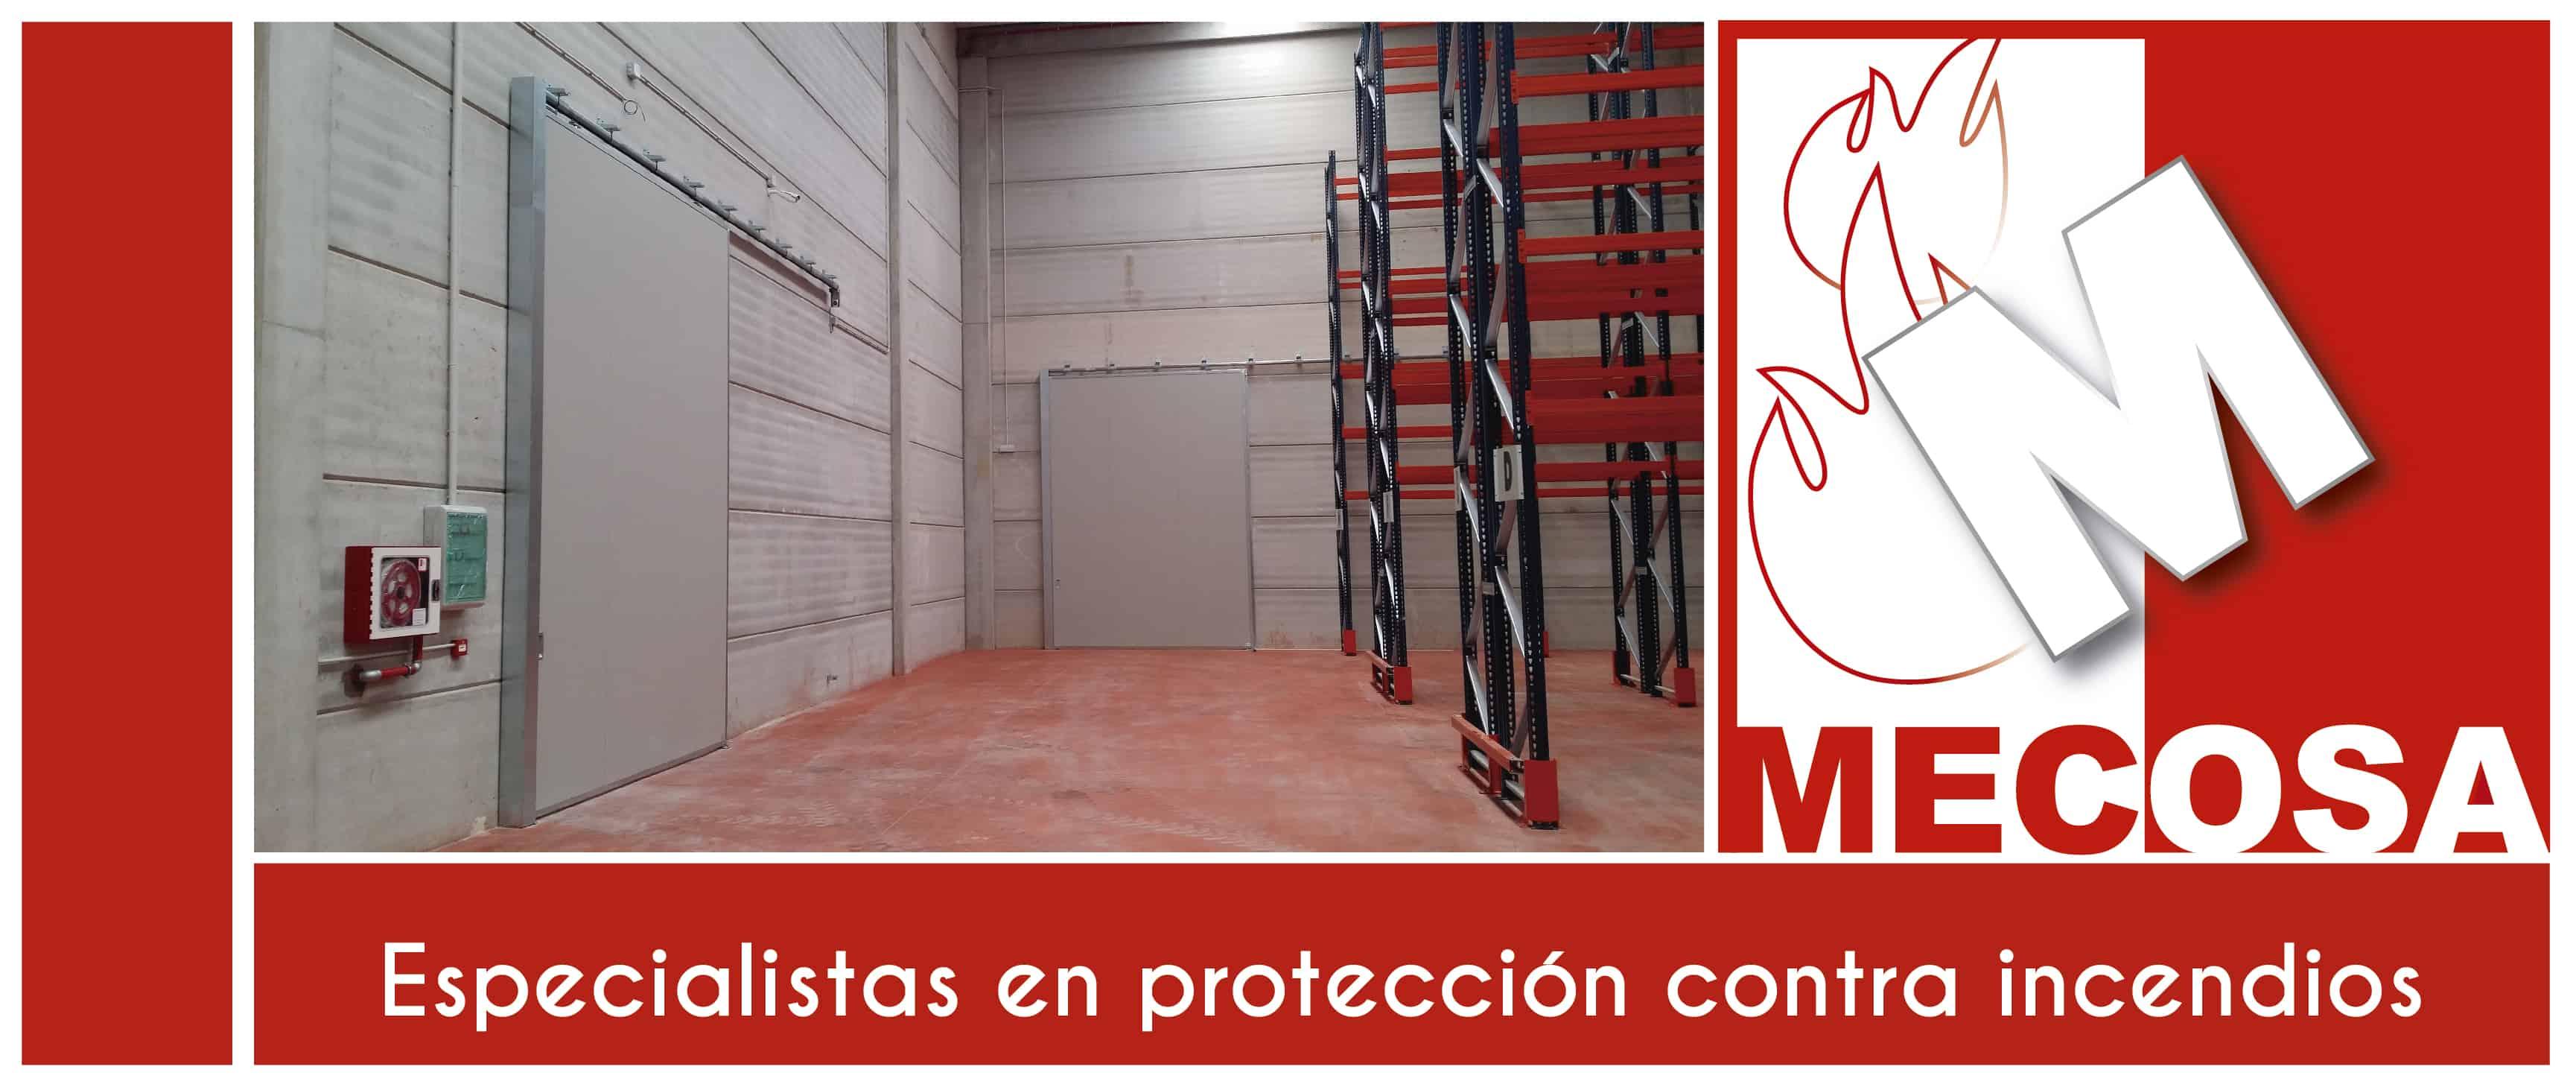 Banner-Mecosa-para-web-del-cluster_Mesa-de-trabajo-1